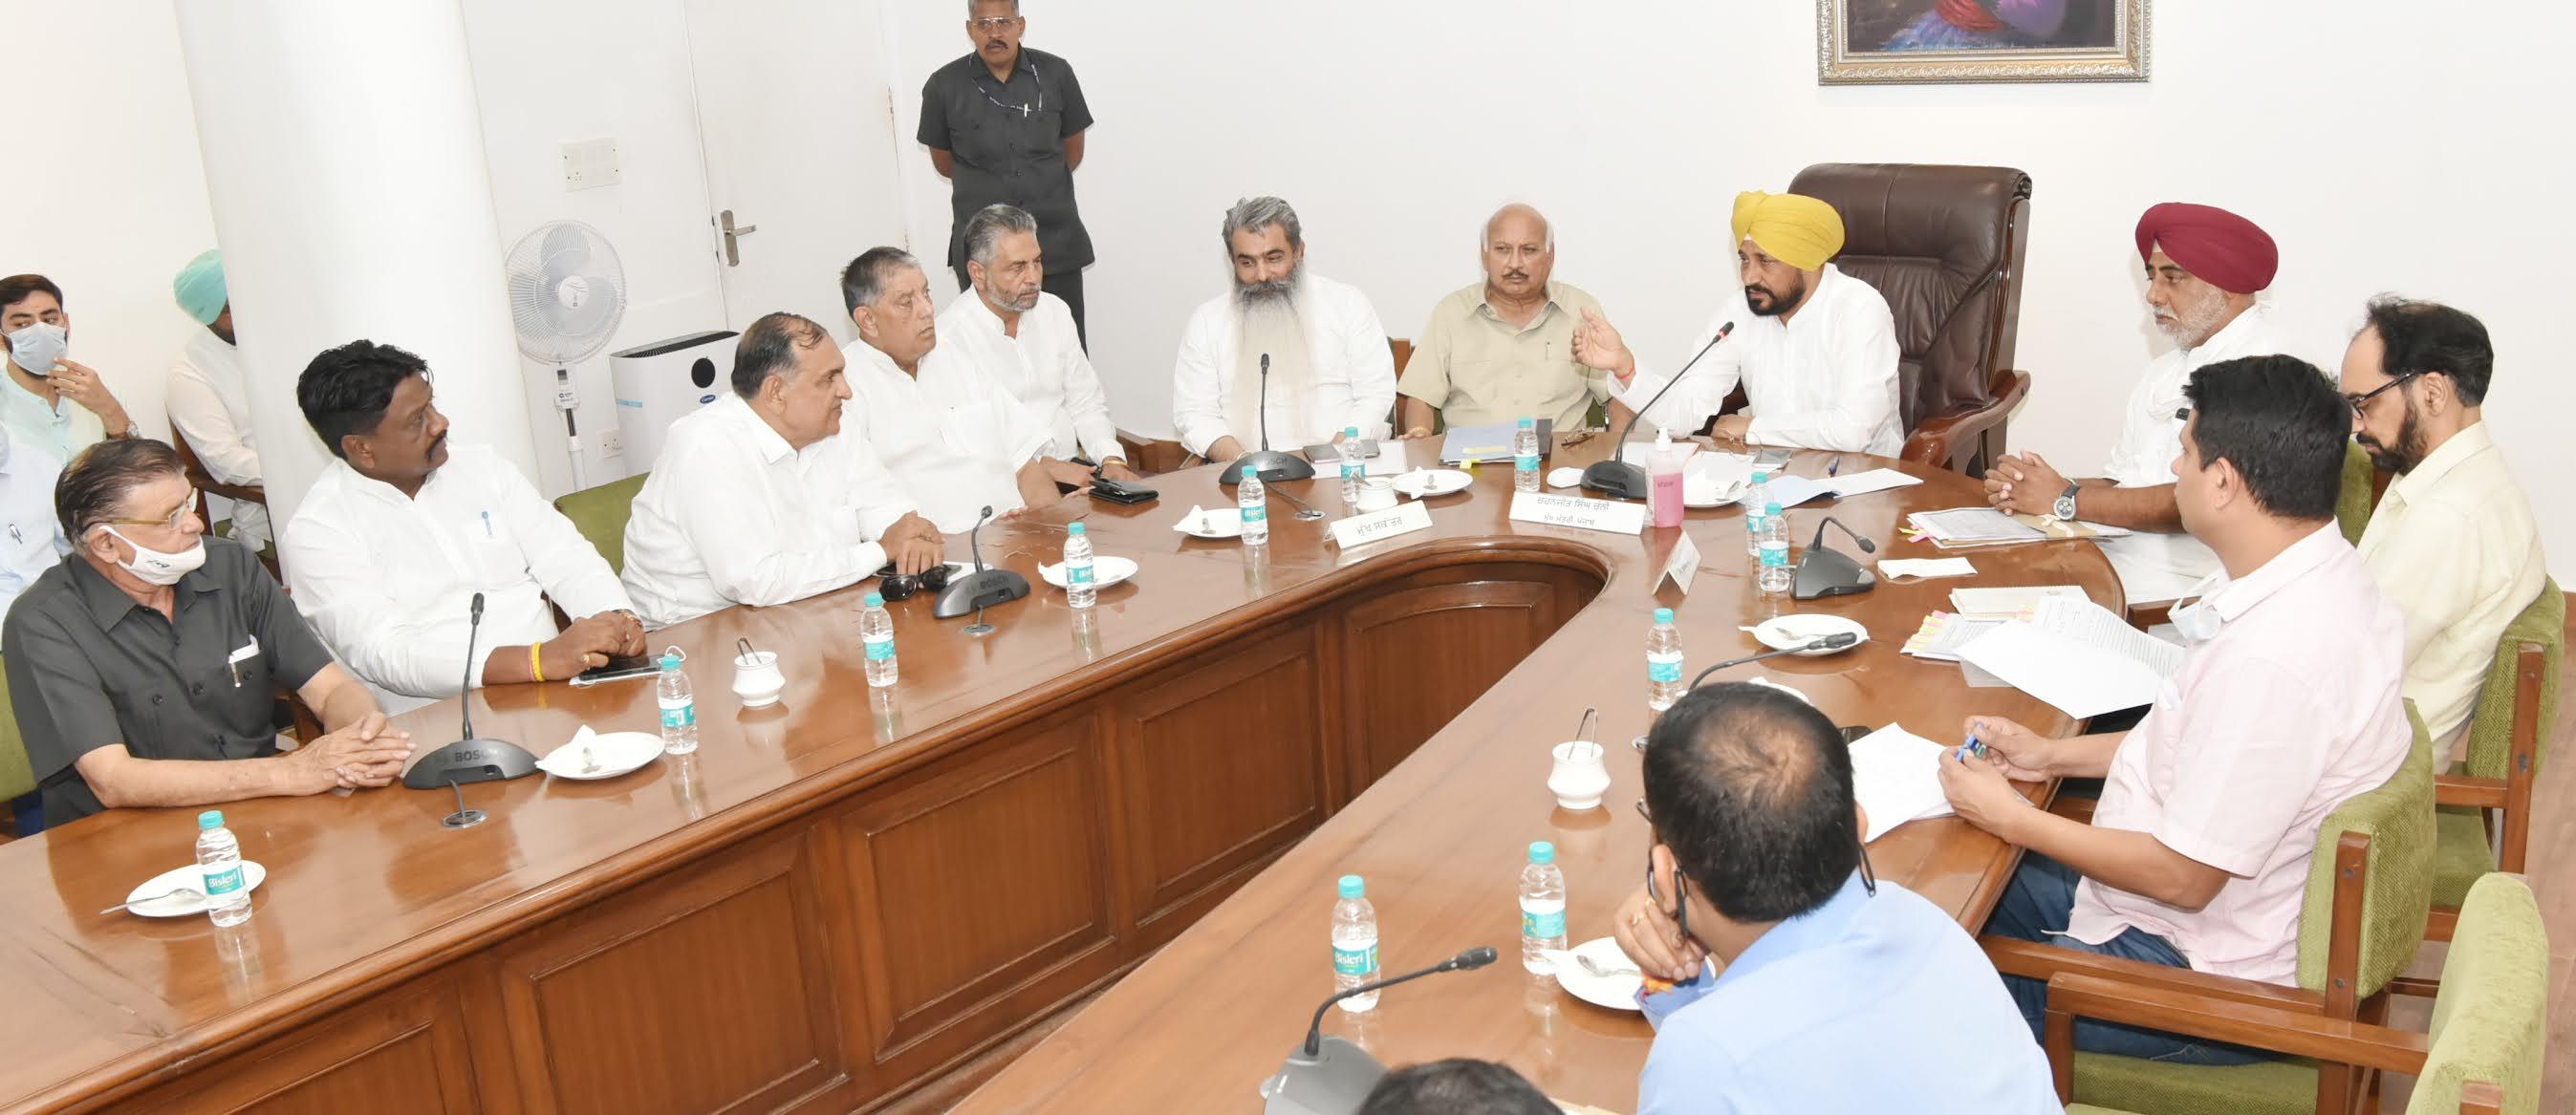 मुख्यमंत्री ने अन्य राज्यों से धान की आमद को रोकने के लिए अंतरराज्यीय बासमती मूवमैंट पोर्टल किया जारी